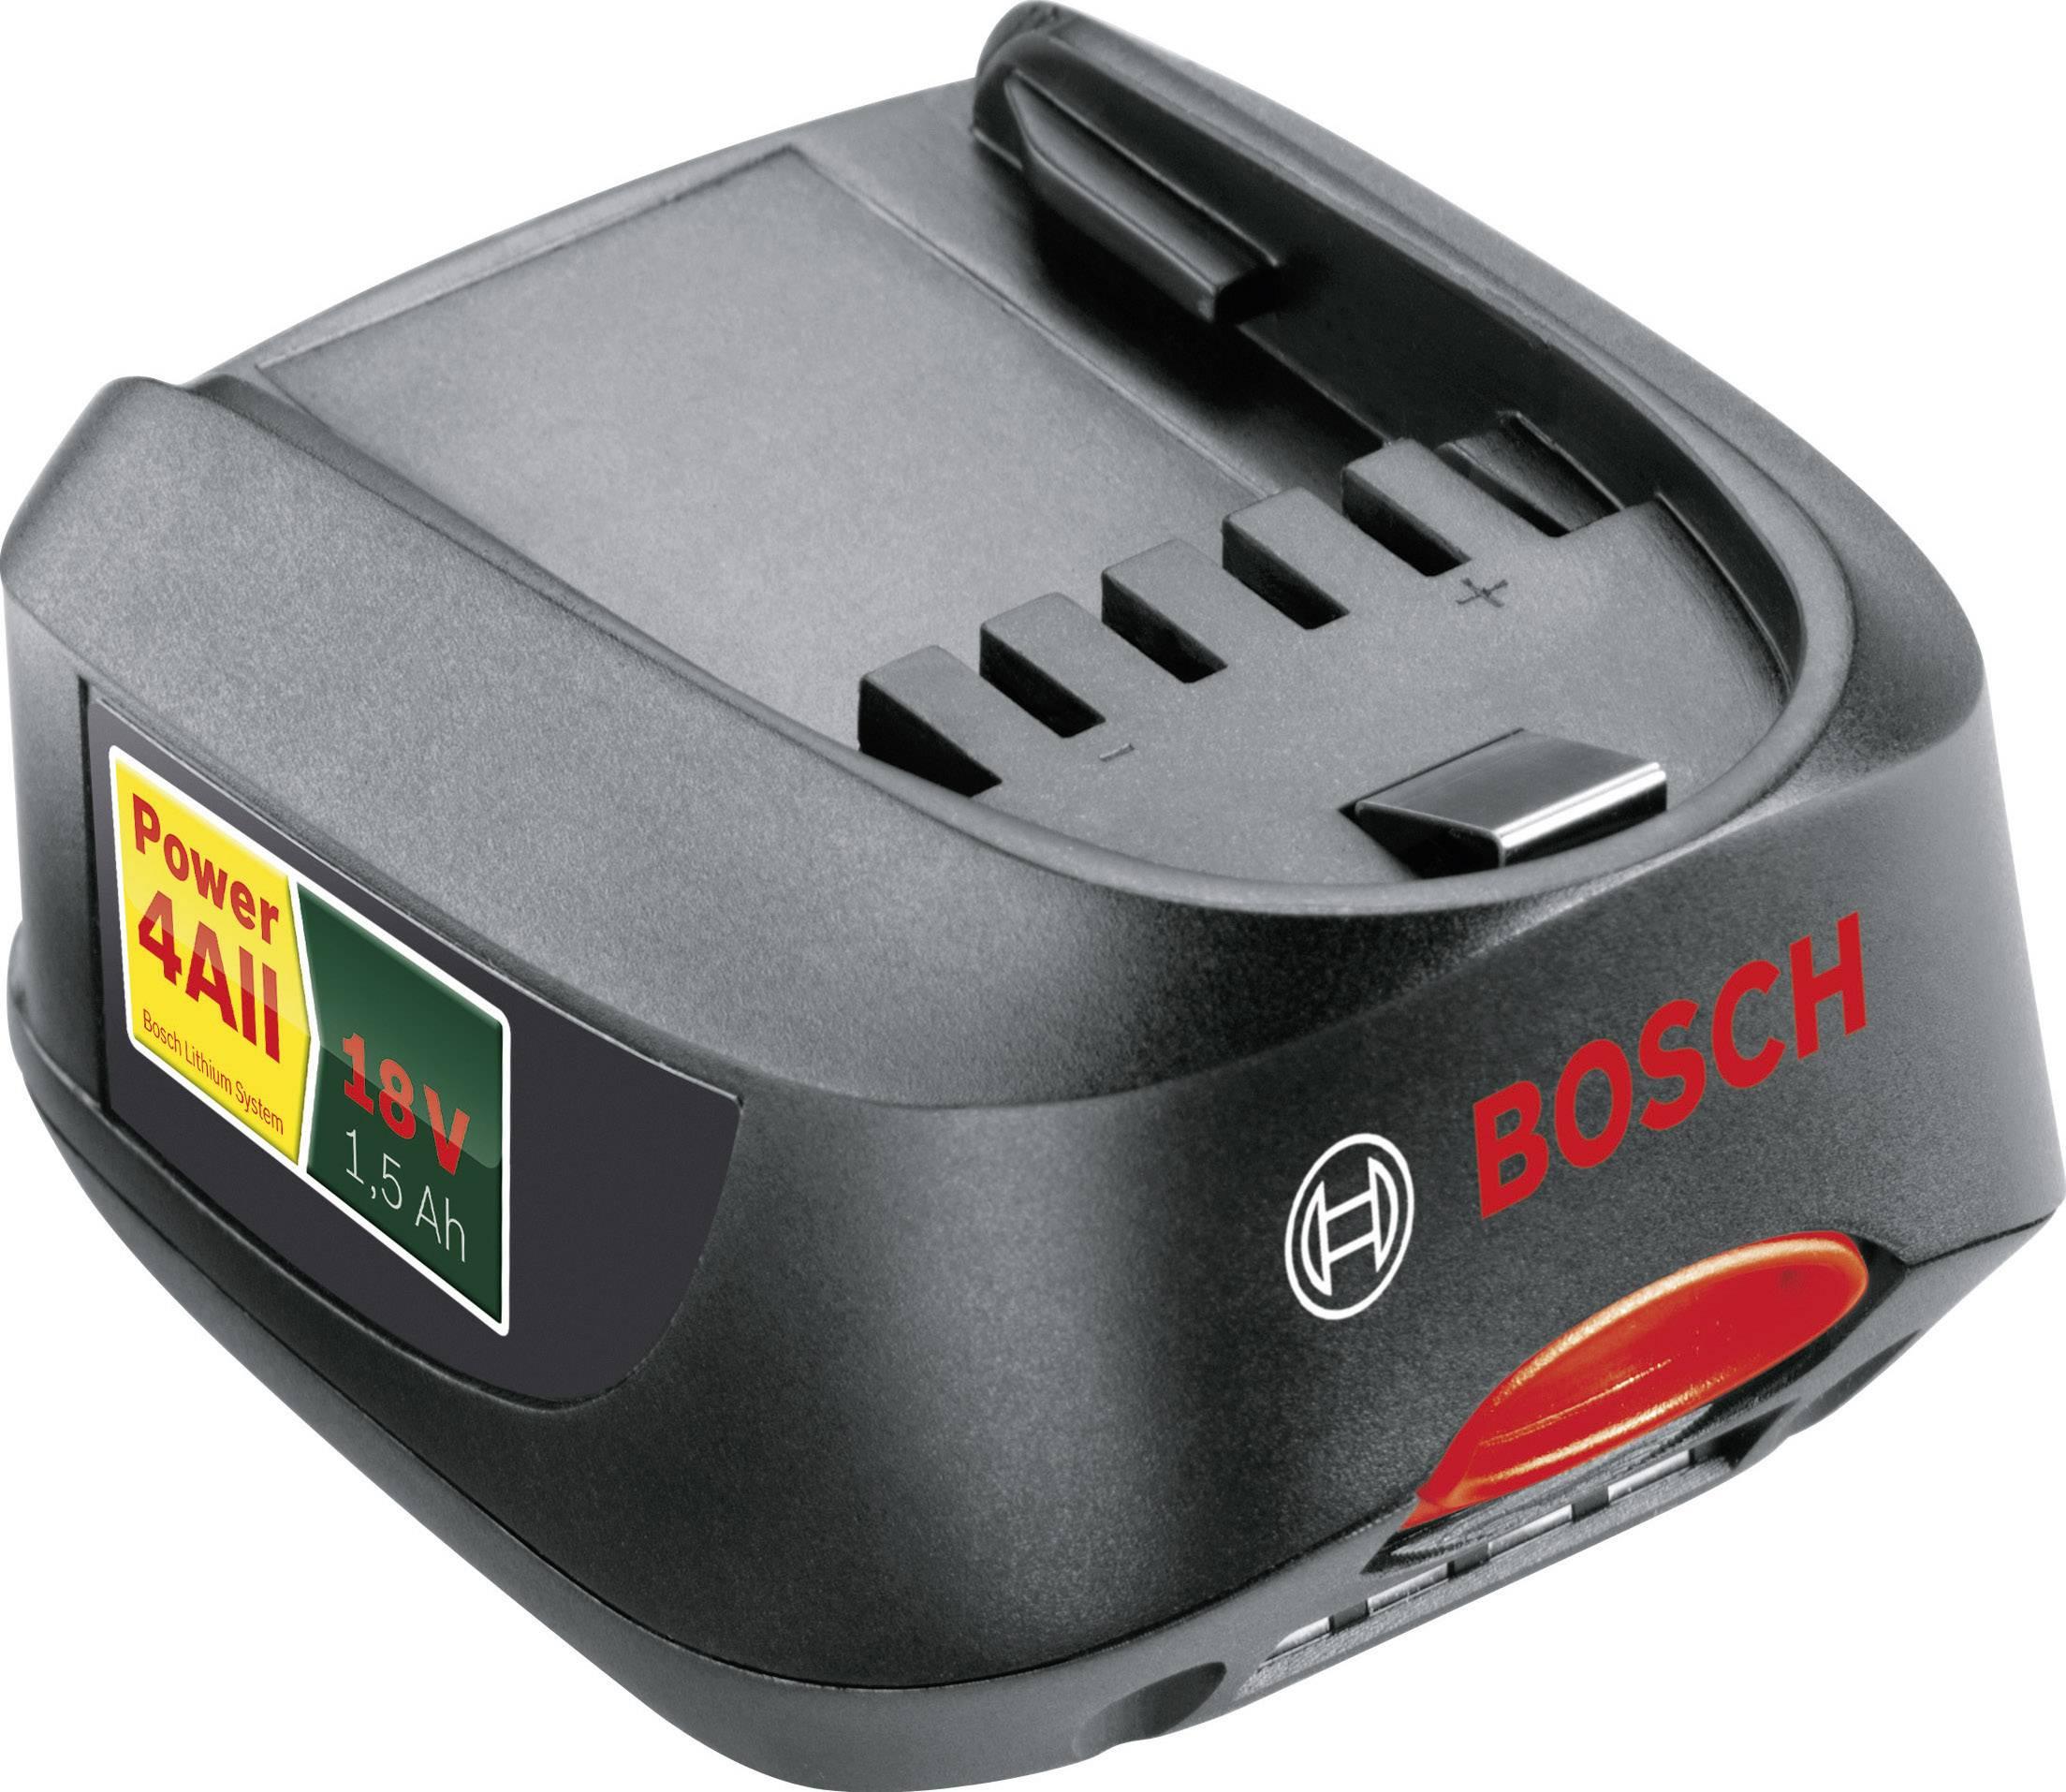 Akumulátor Bosch, Li-Ion, 18 V, 1.5 Ah, 1600Z00000